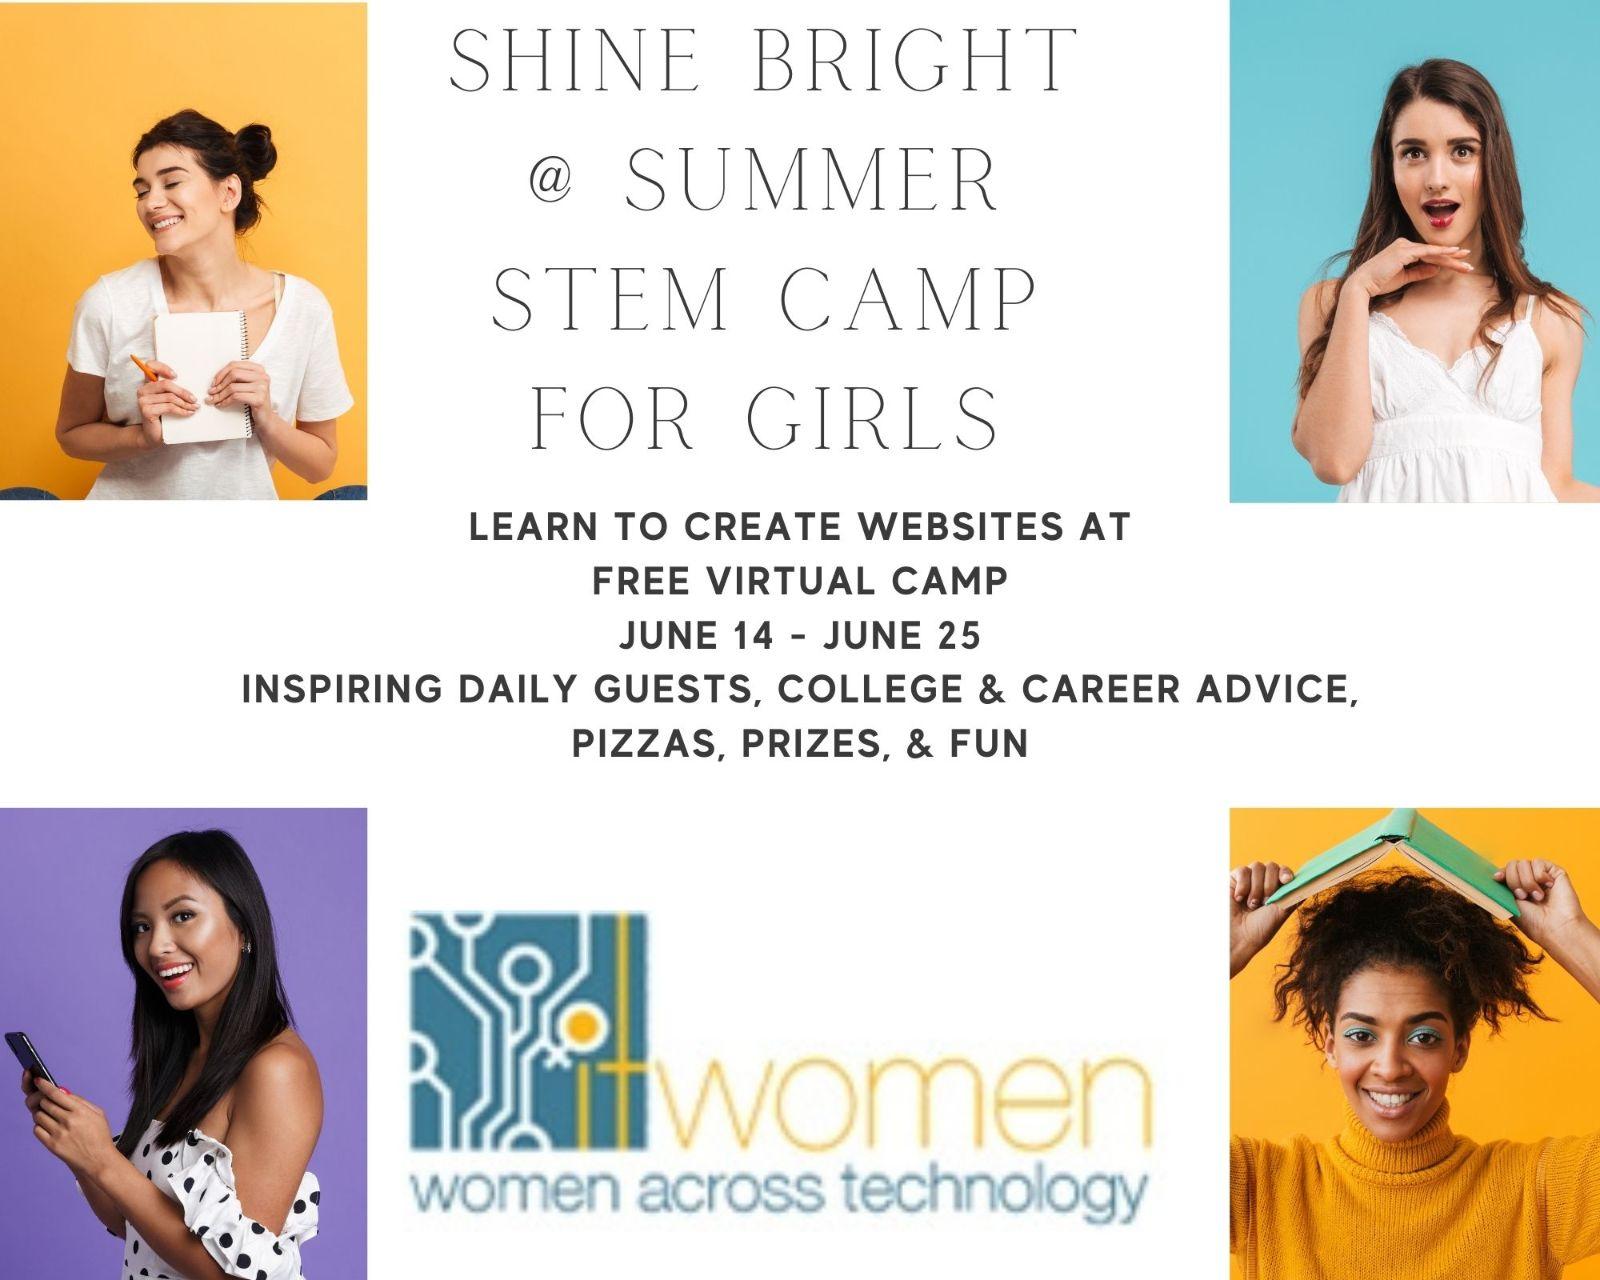 ITWomen Girls Summer STEM Camp